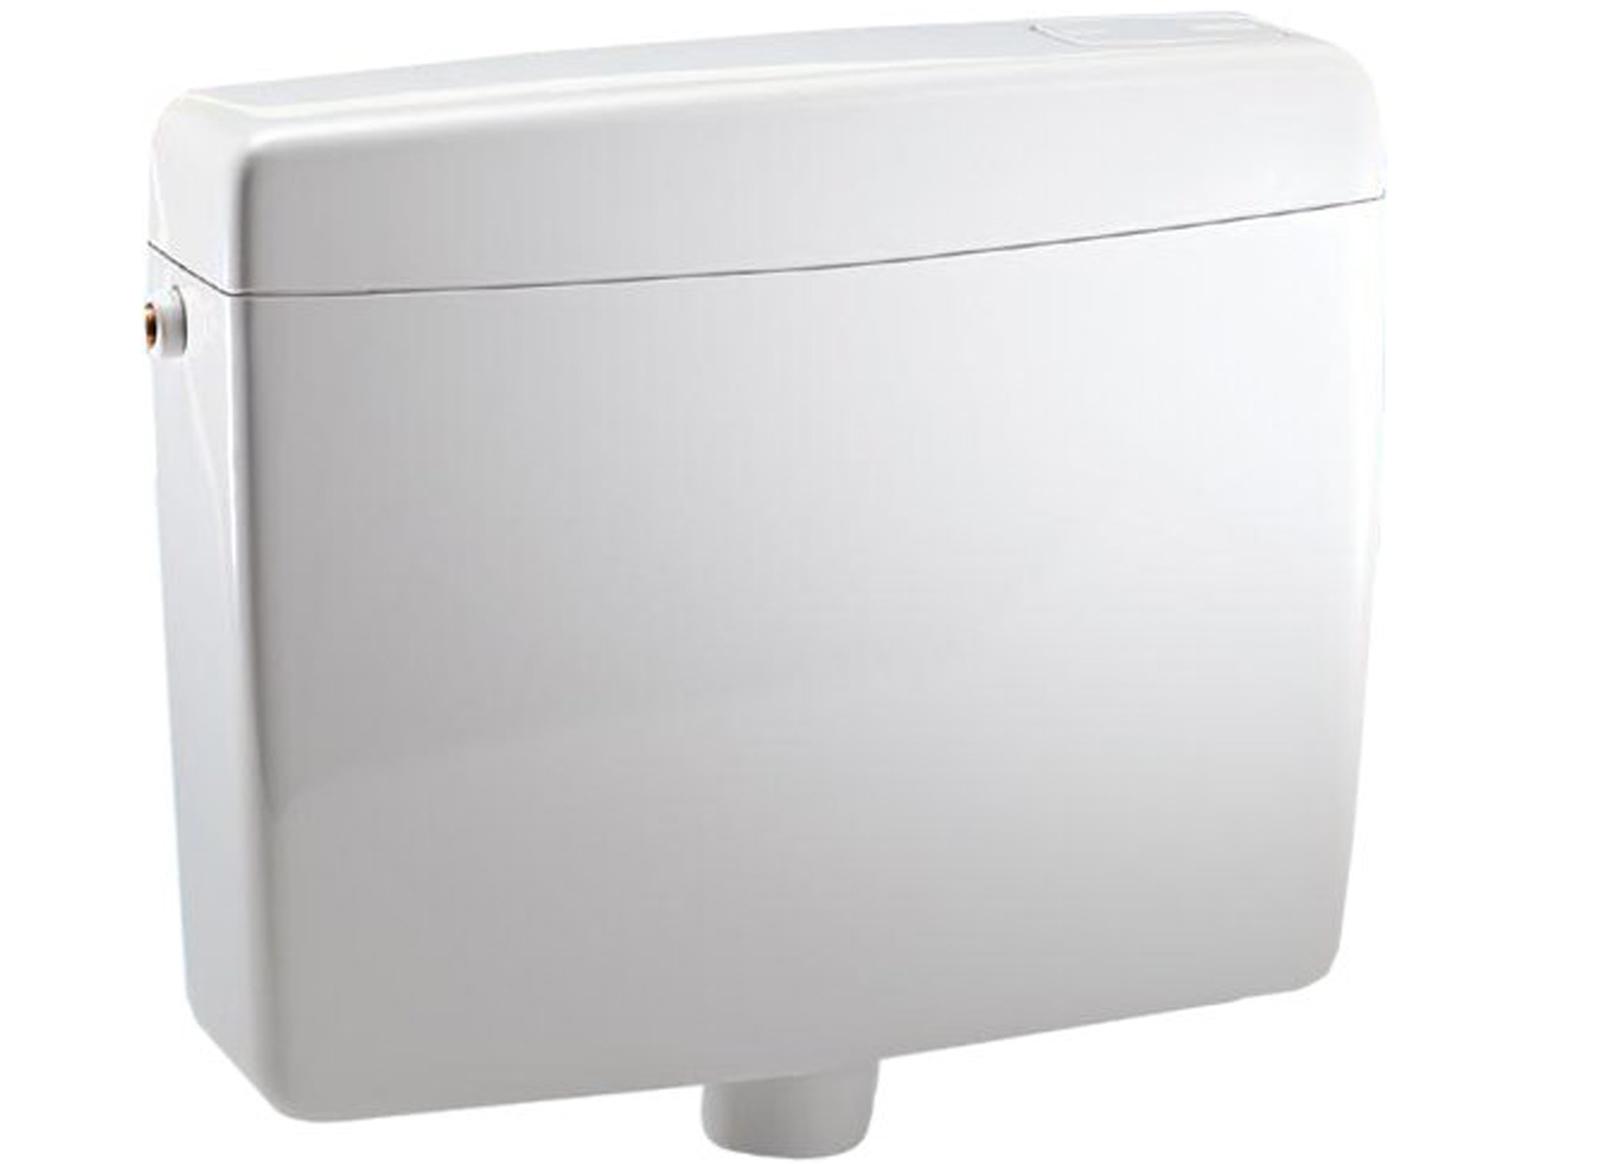 sanit aufputz wc sp lkasten nova 6 9 liter start stop spartaste ersatz geberit ebay. Black Bedroom Furniture Sets. Home Design Ideas